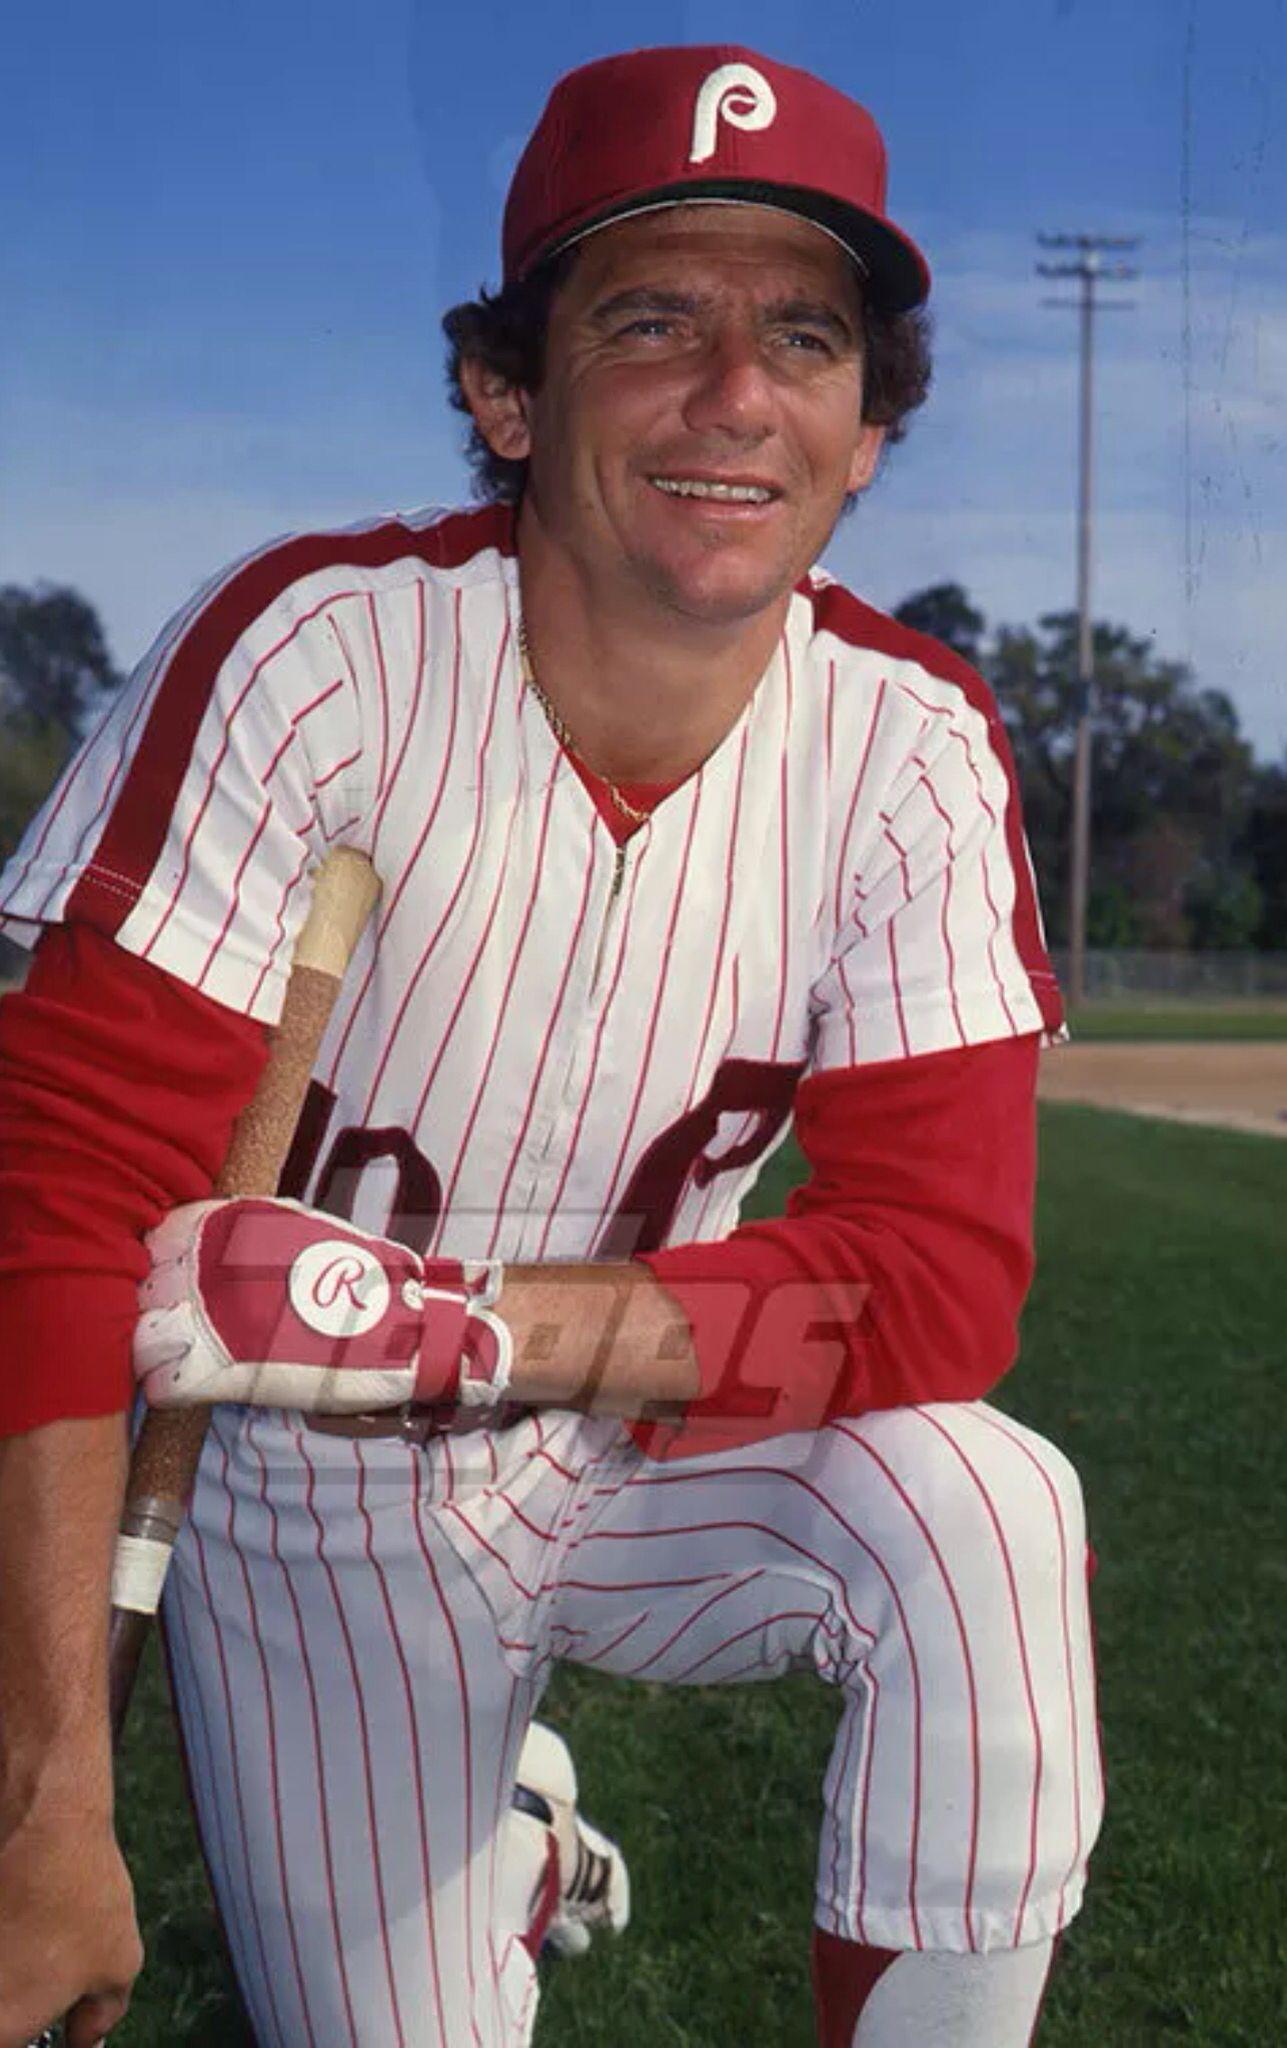 b01256dd1 Larry Bowa Phillies Baseball